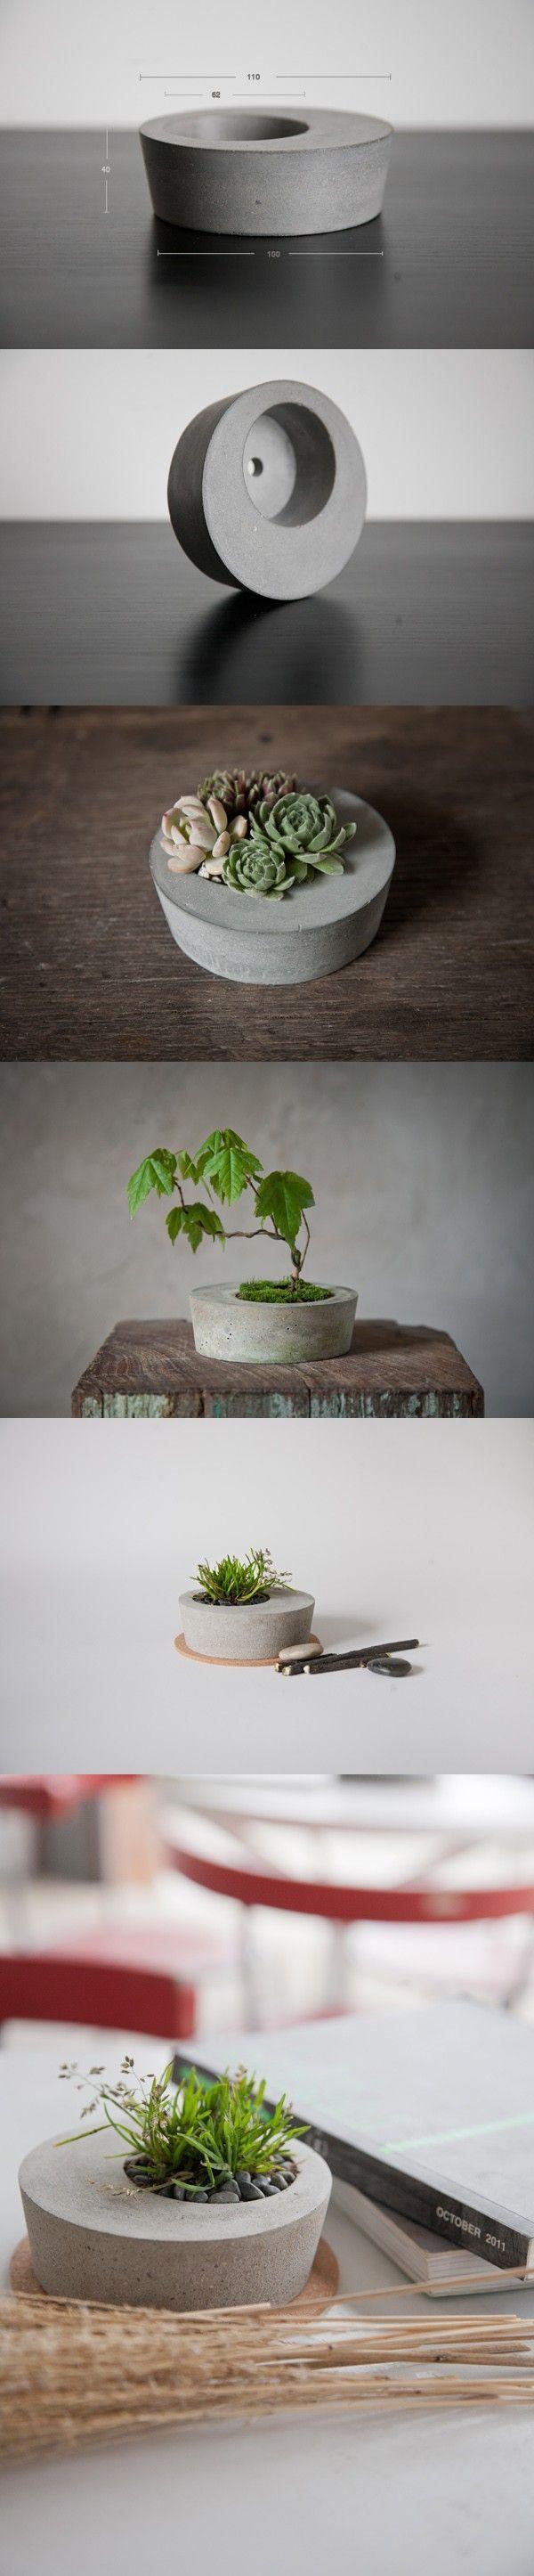 15 DIY-Zement-Ideen für ein schickes Minimal Design-Homesthetics (7)